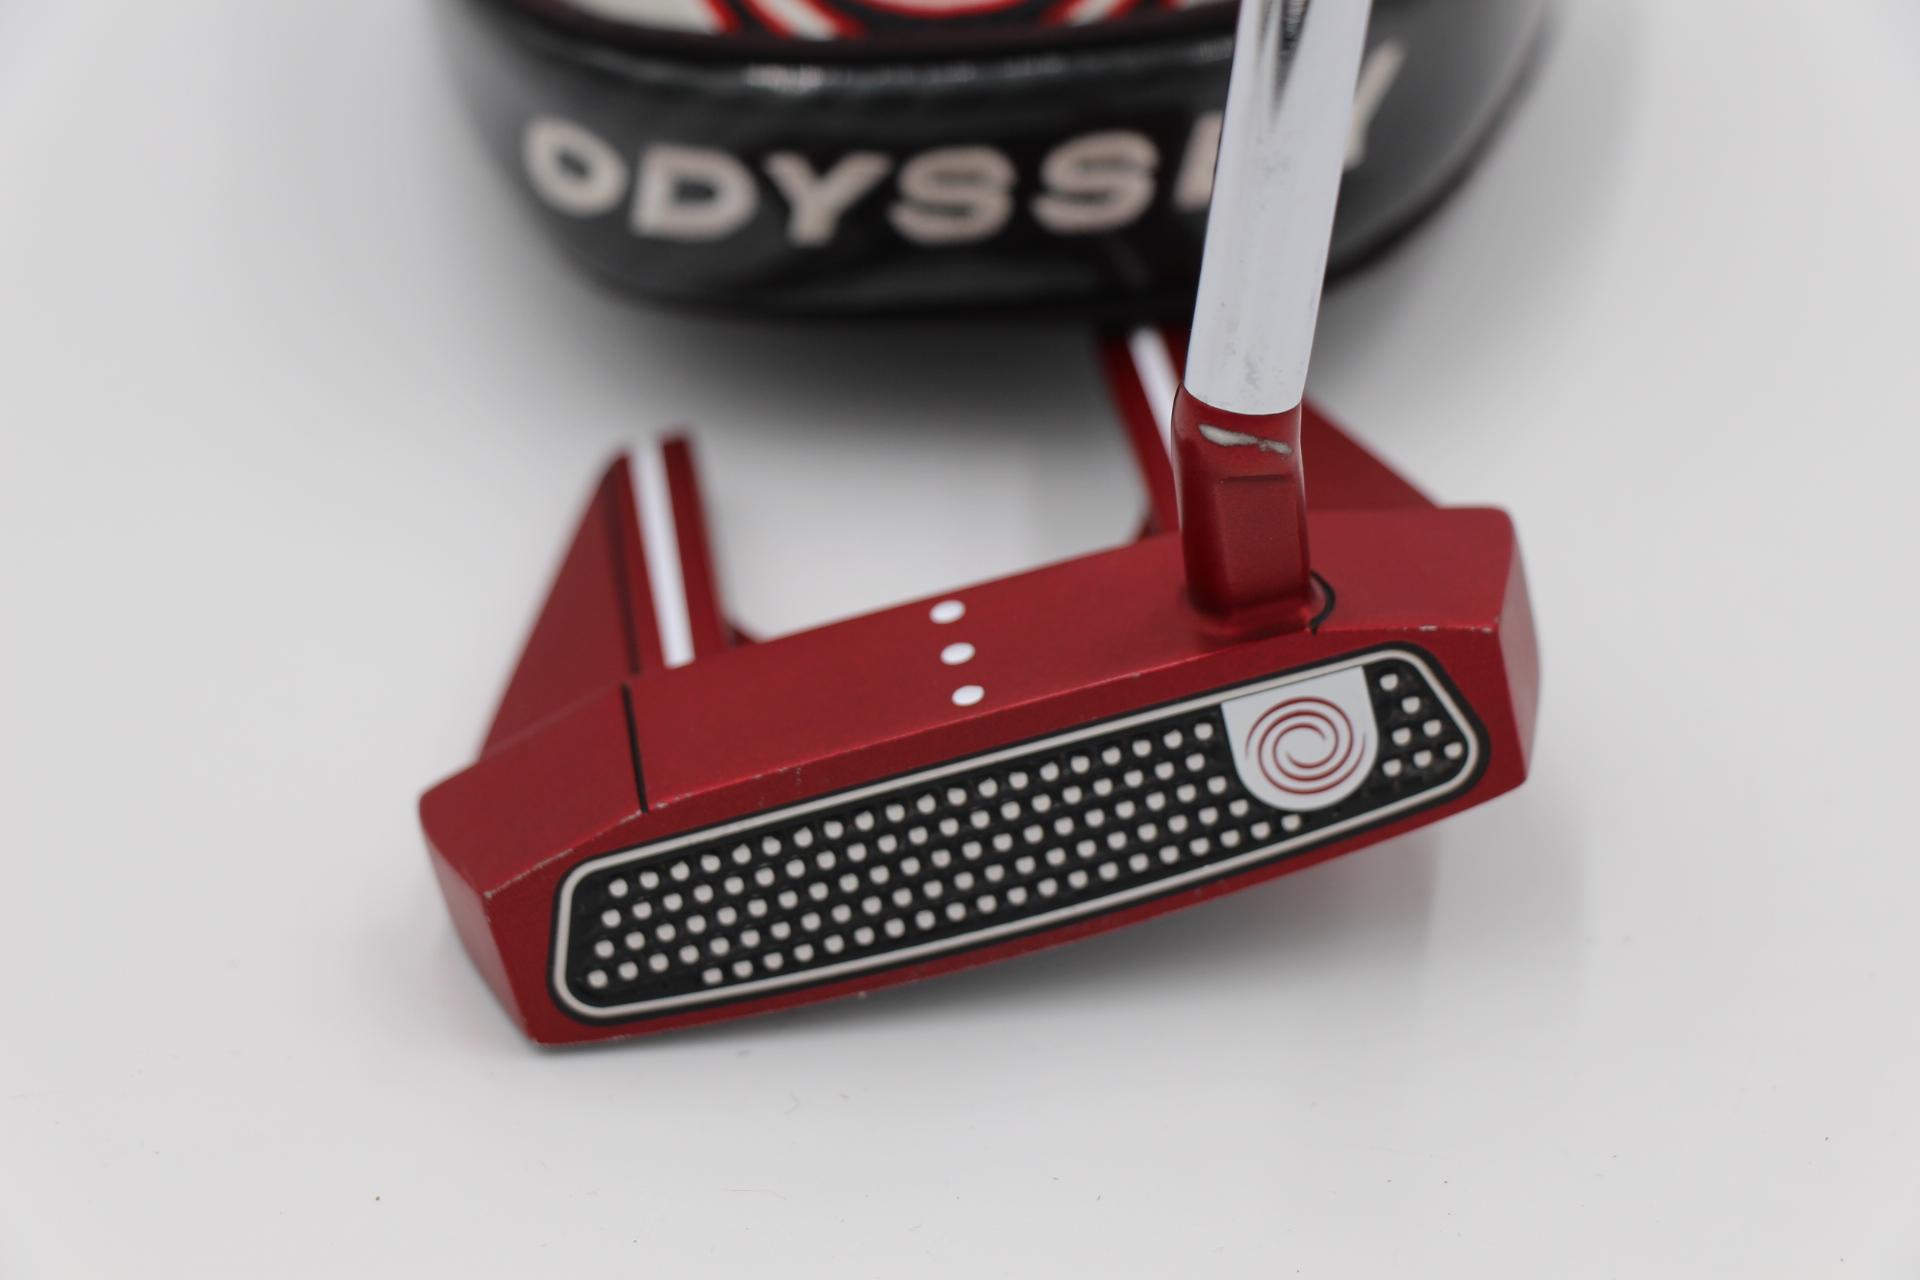 Odyssey O-Works Red 7S